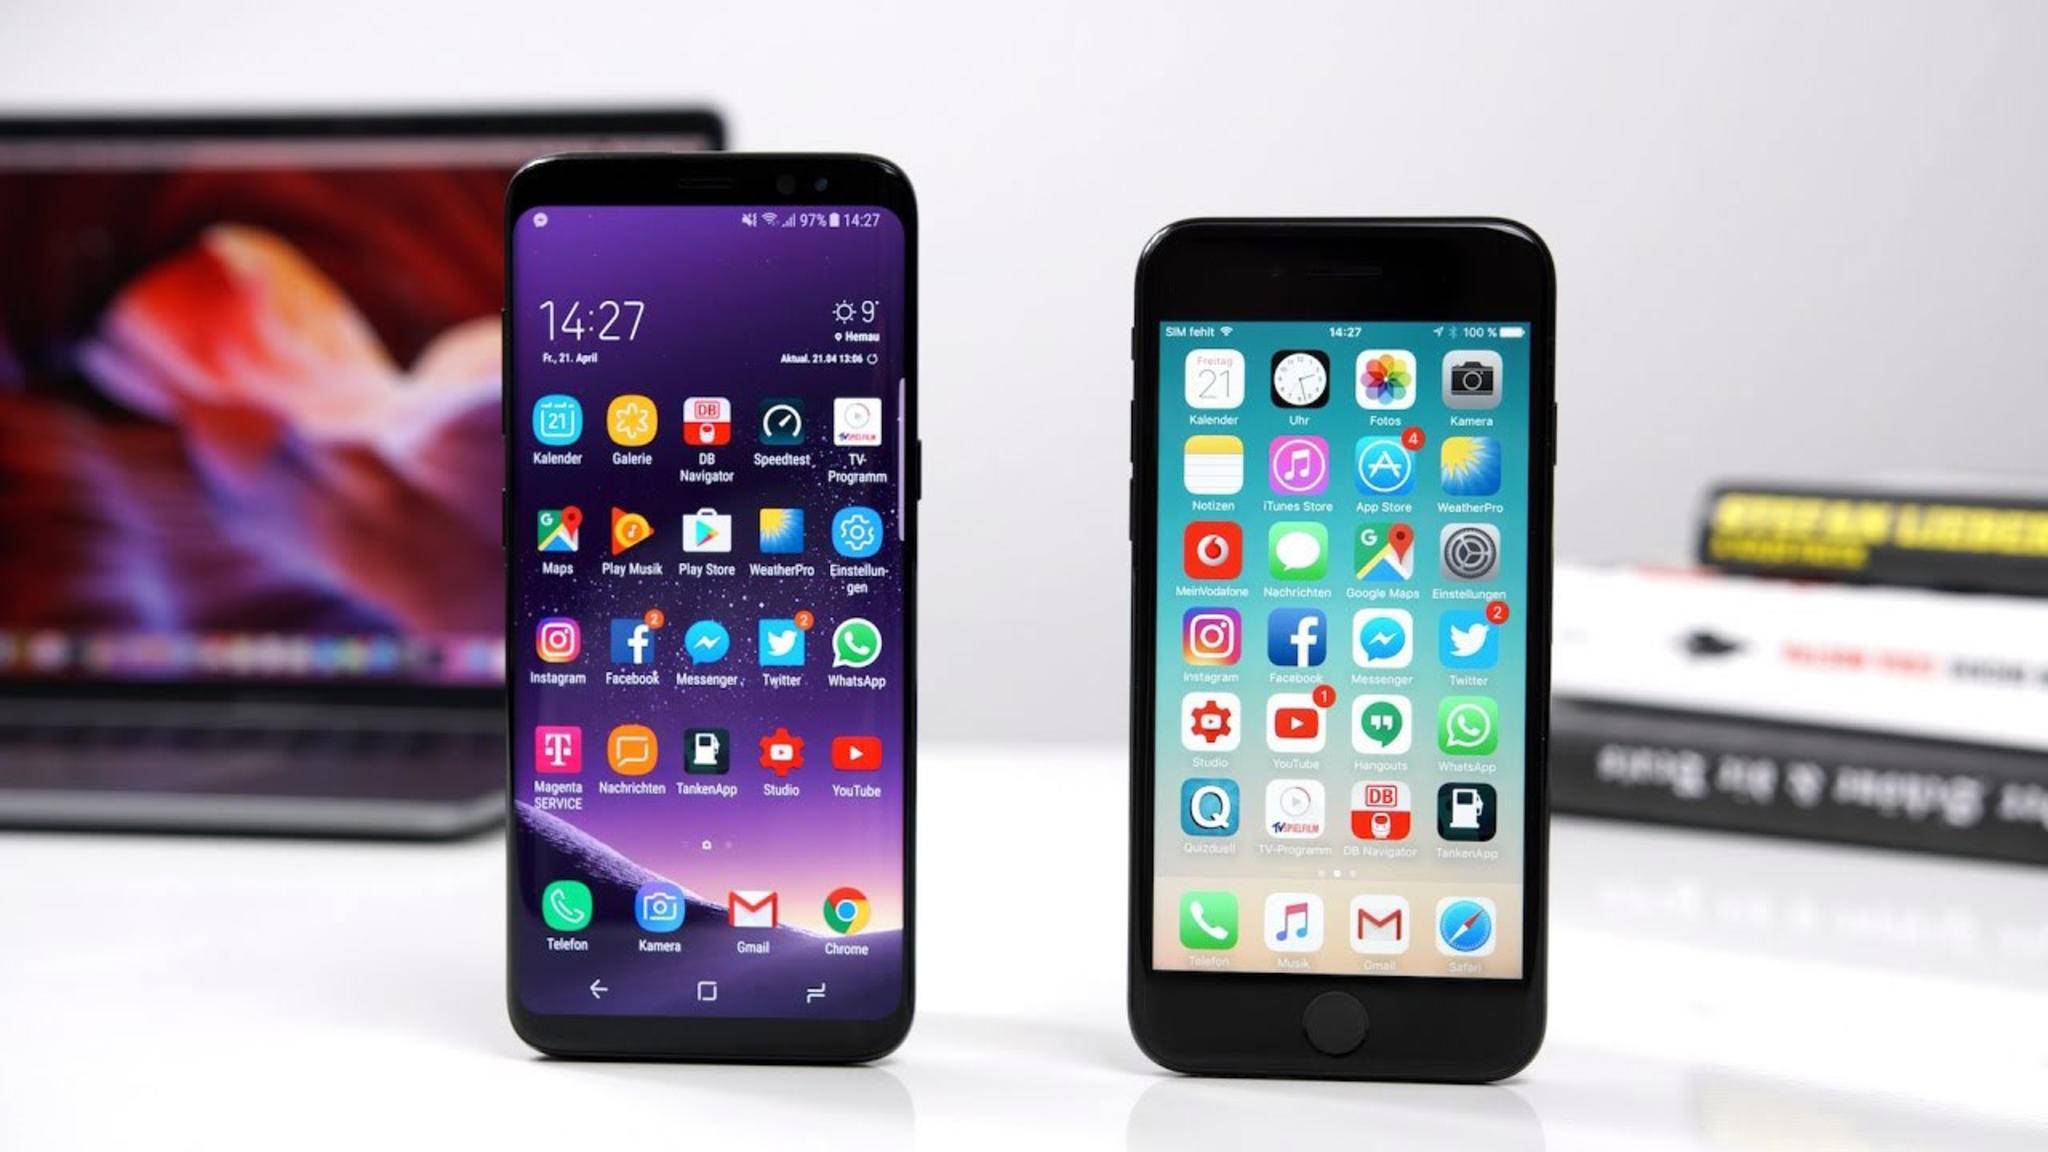 Das iPhone bietet einige Features, die Du auf einem Android-Smartphone vergebens suchen wirst.